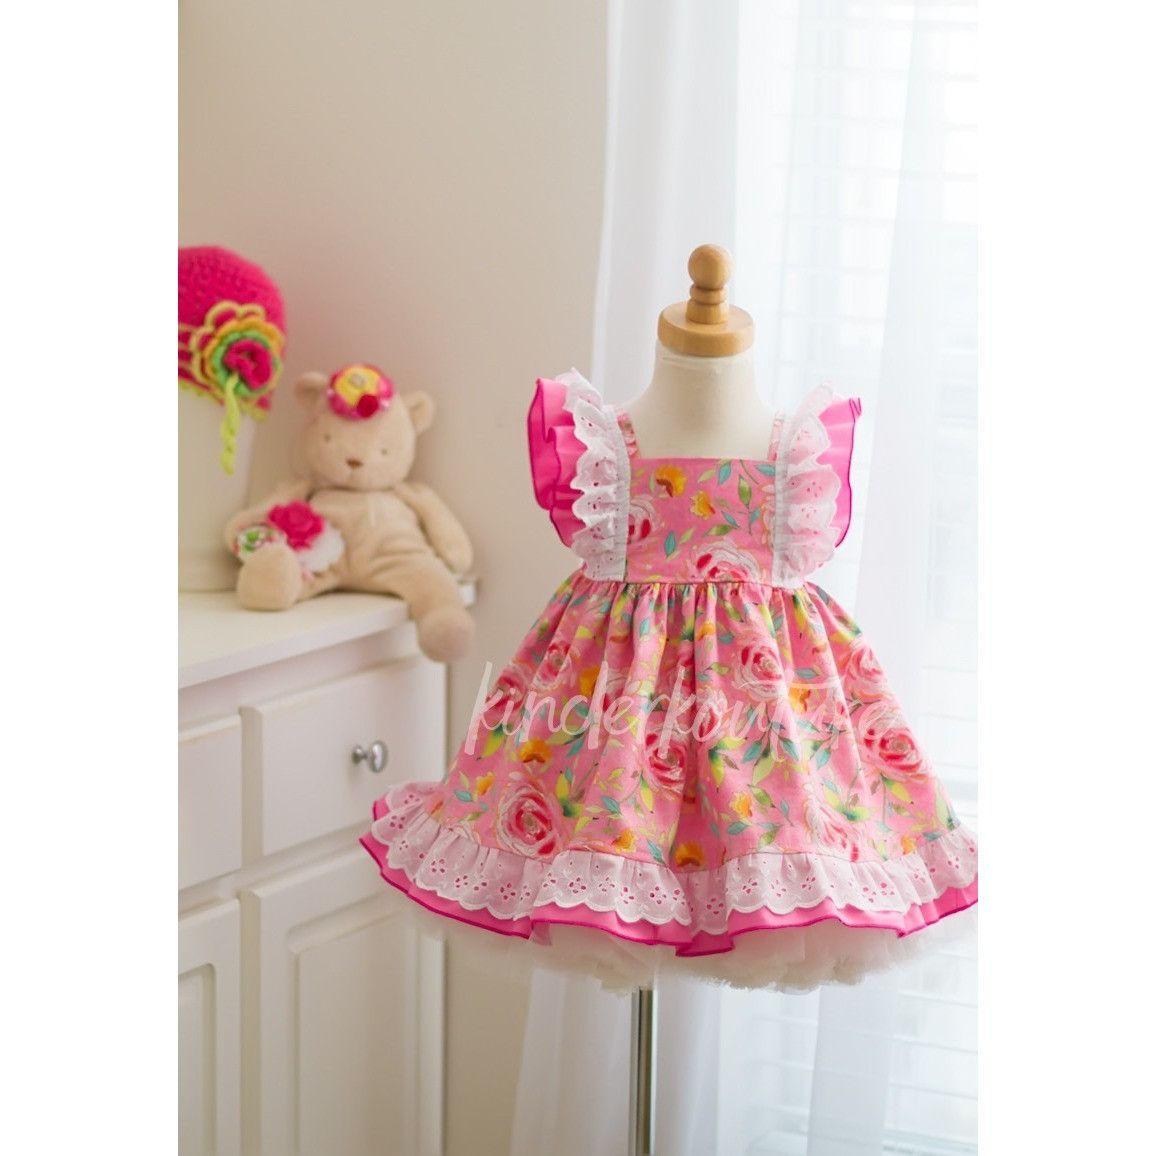 Monet's Roses – Kinder Kouture